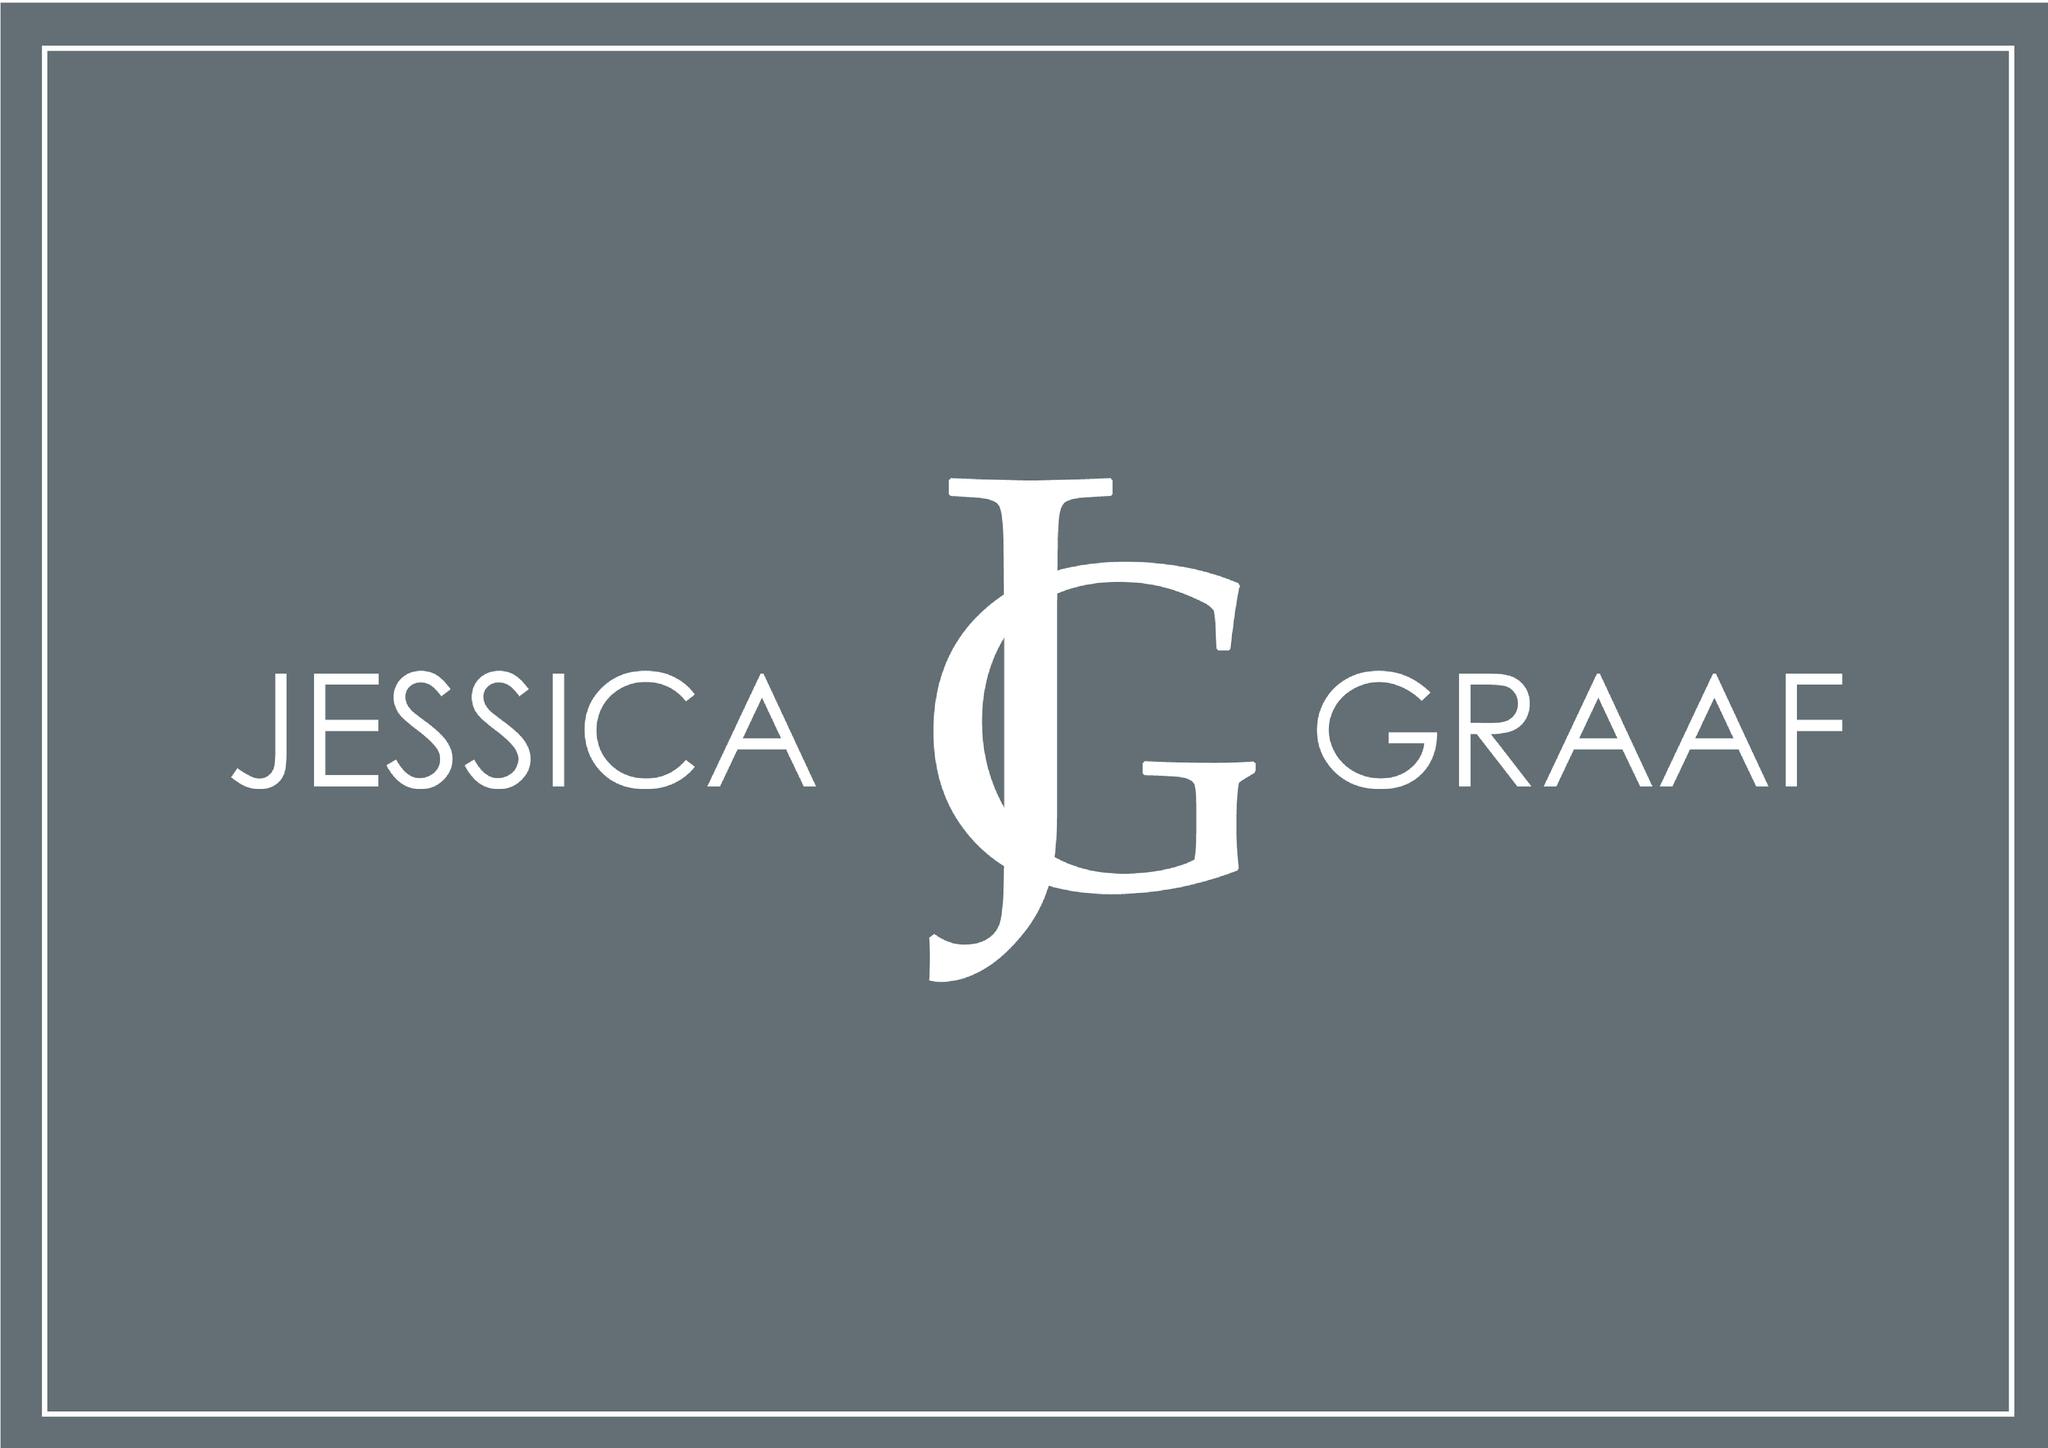 Jessica Graaf